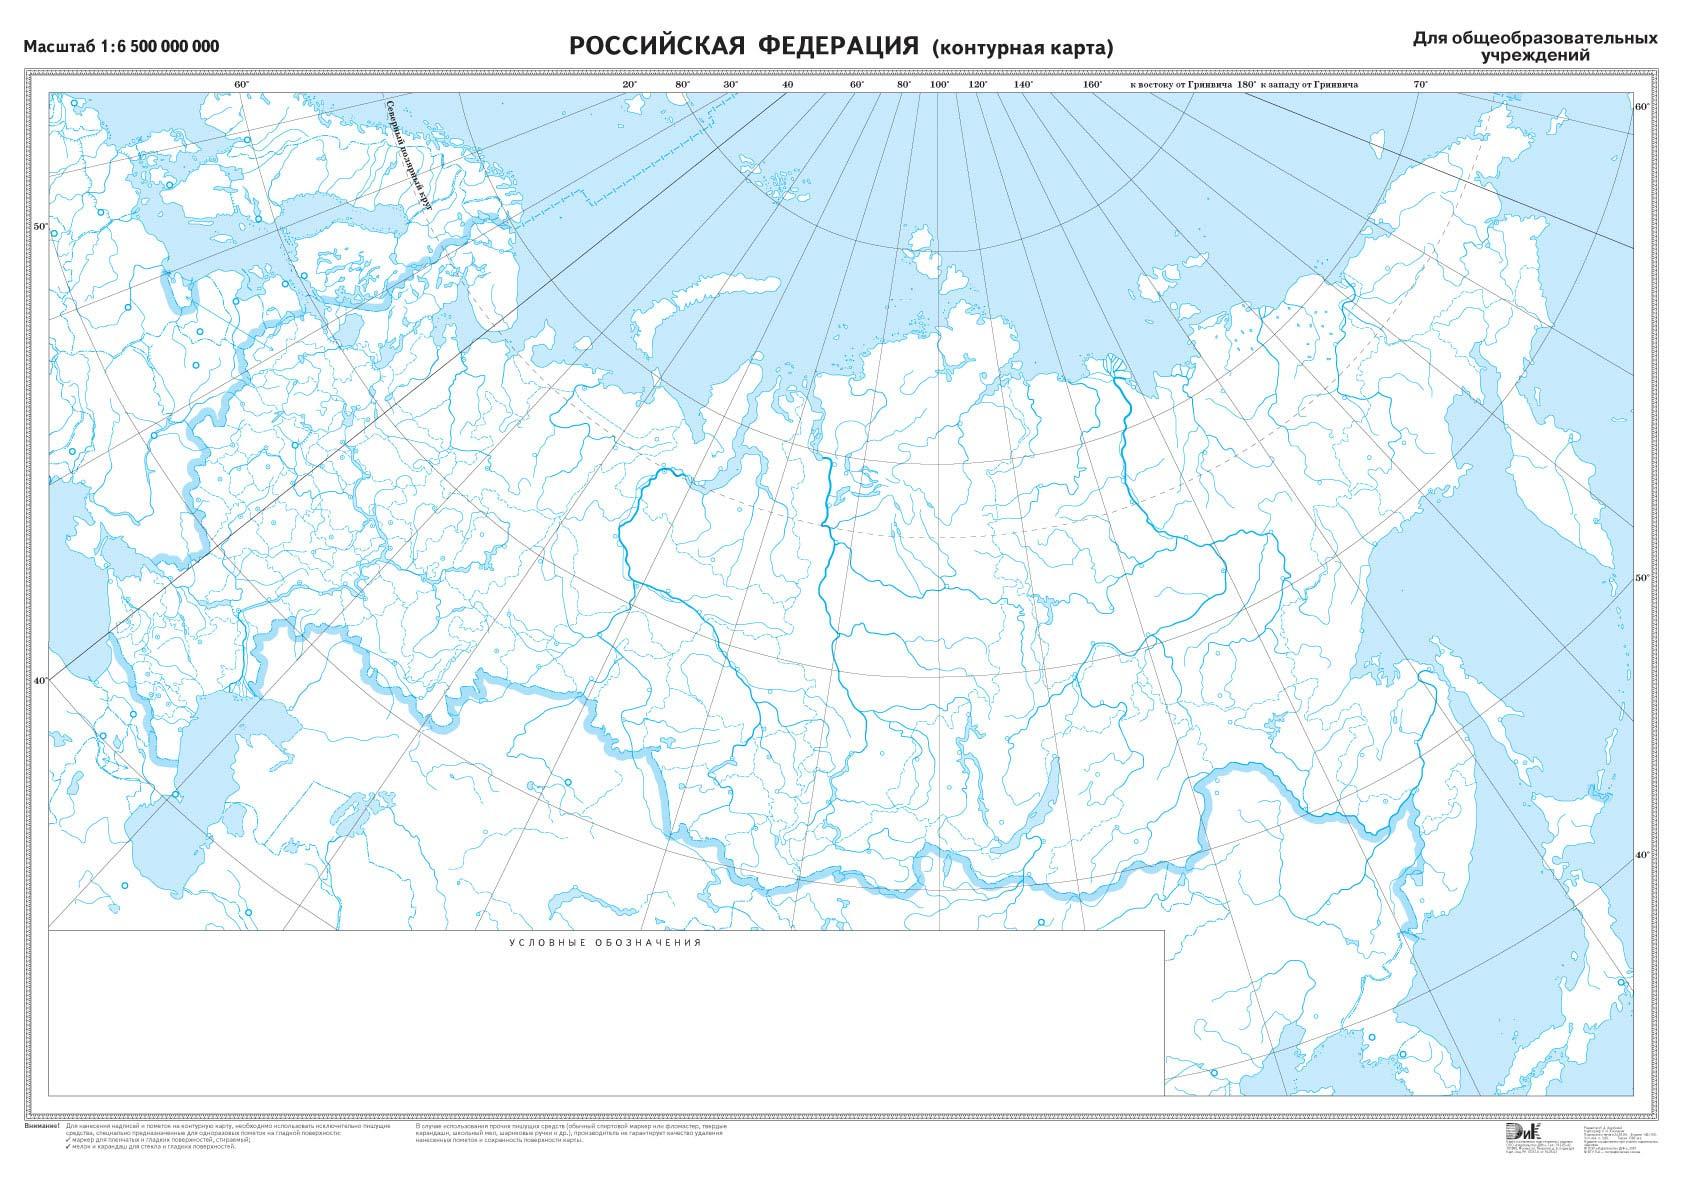 Pravila Raboty S Konturnoj Kartoj V Obuchenii Geografii